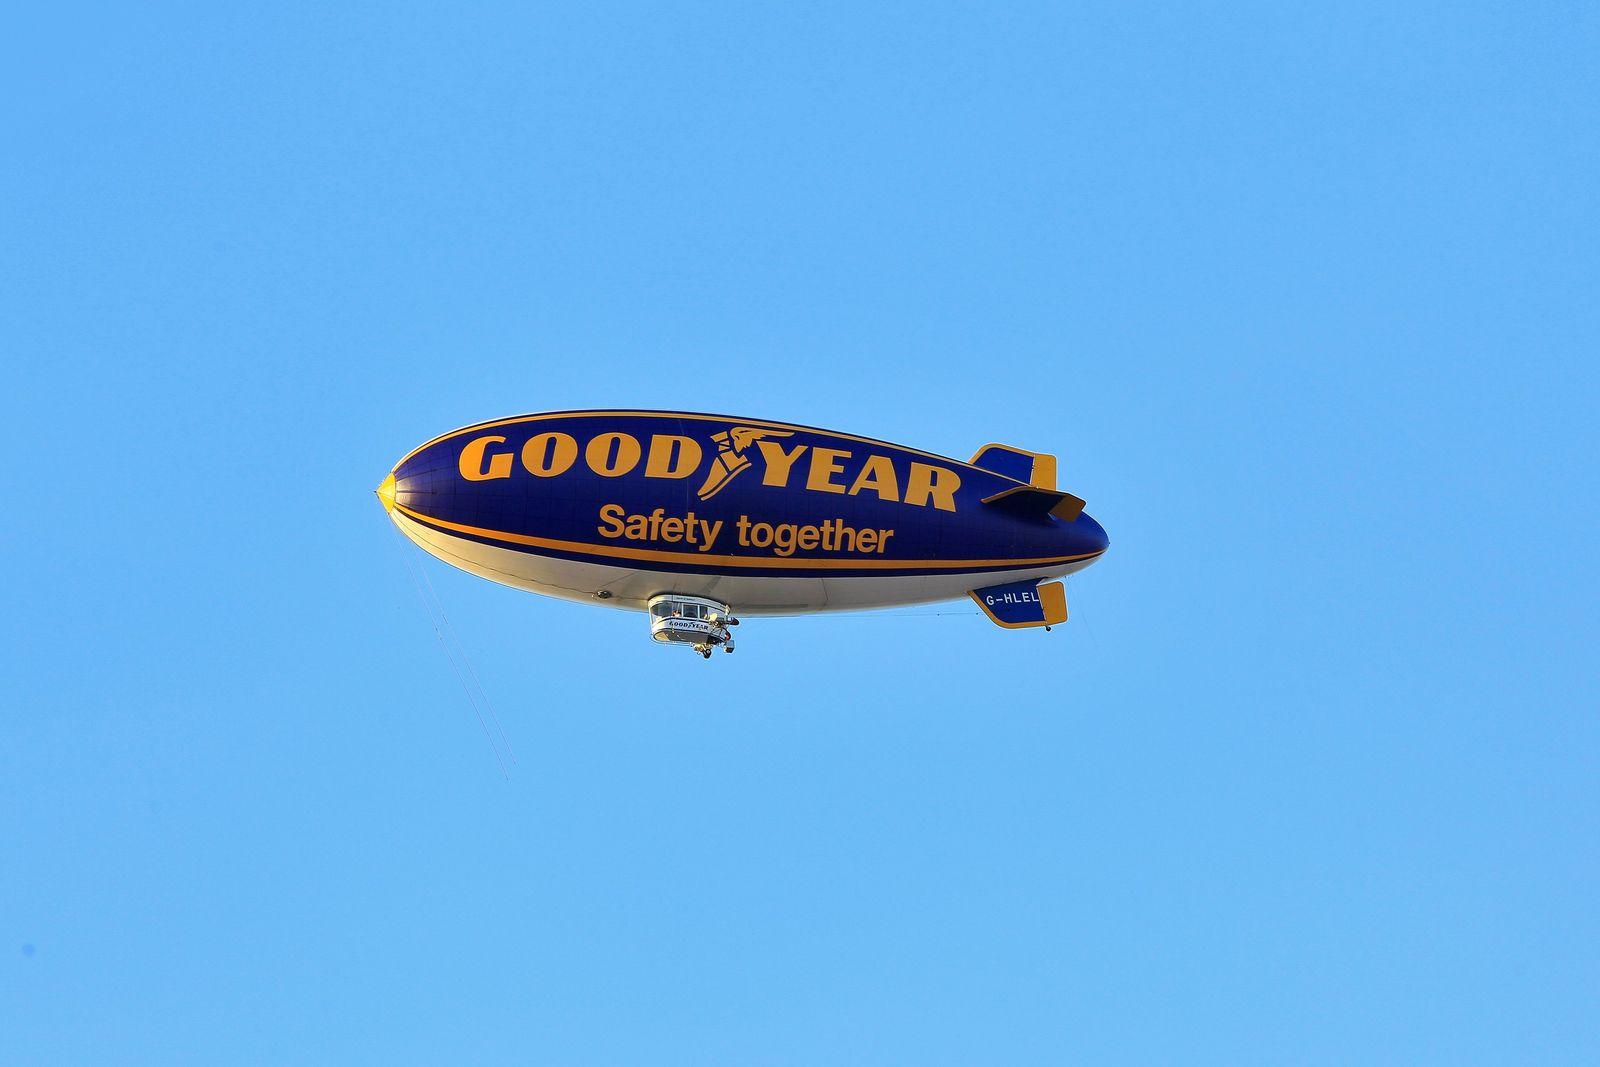 Goodyear Zeppelin / blauer Himmel / Luftfahrt